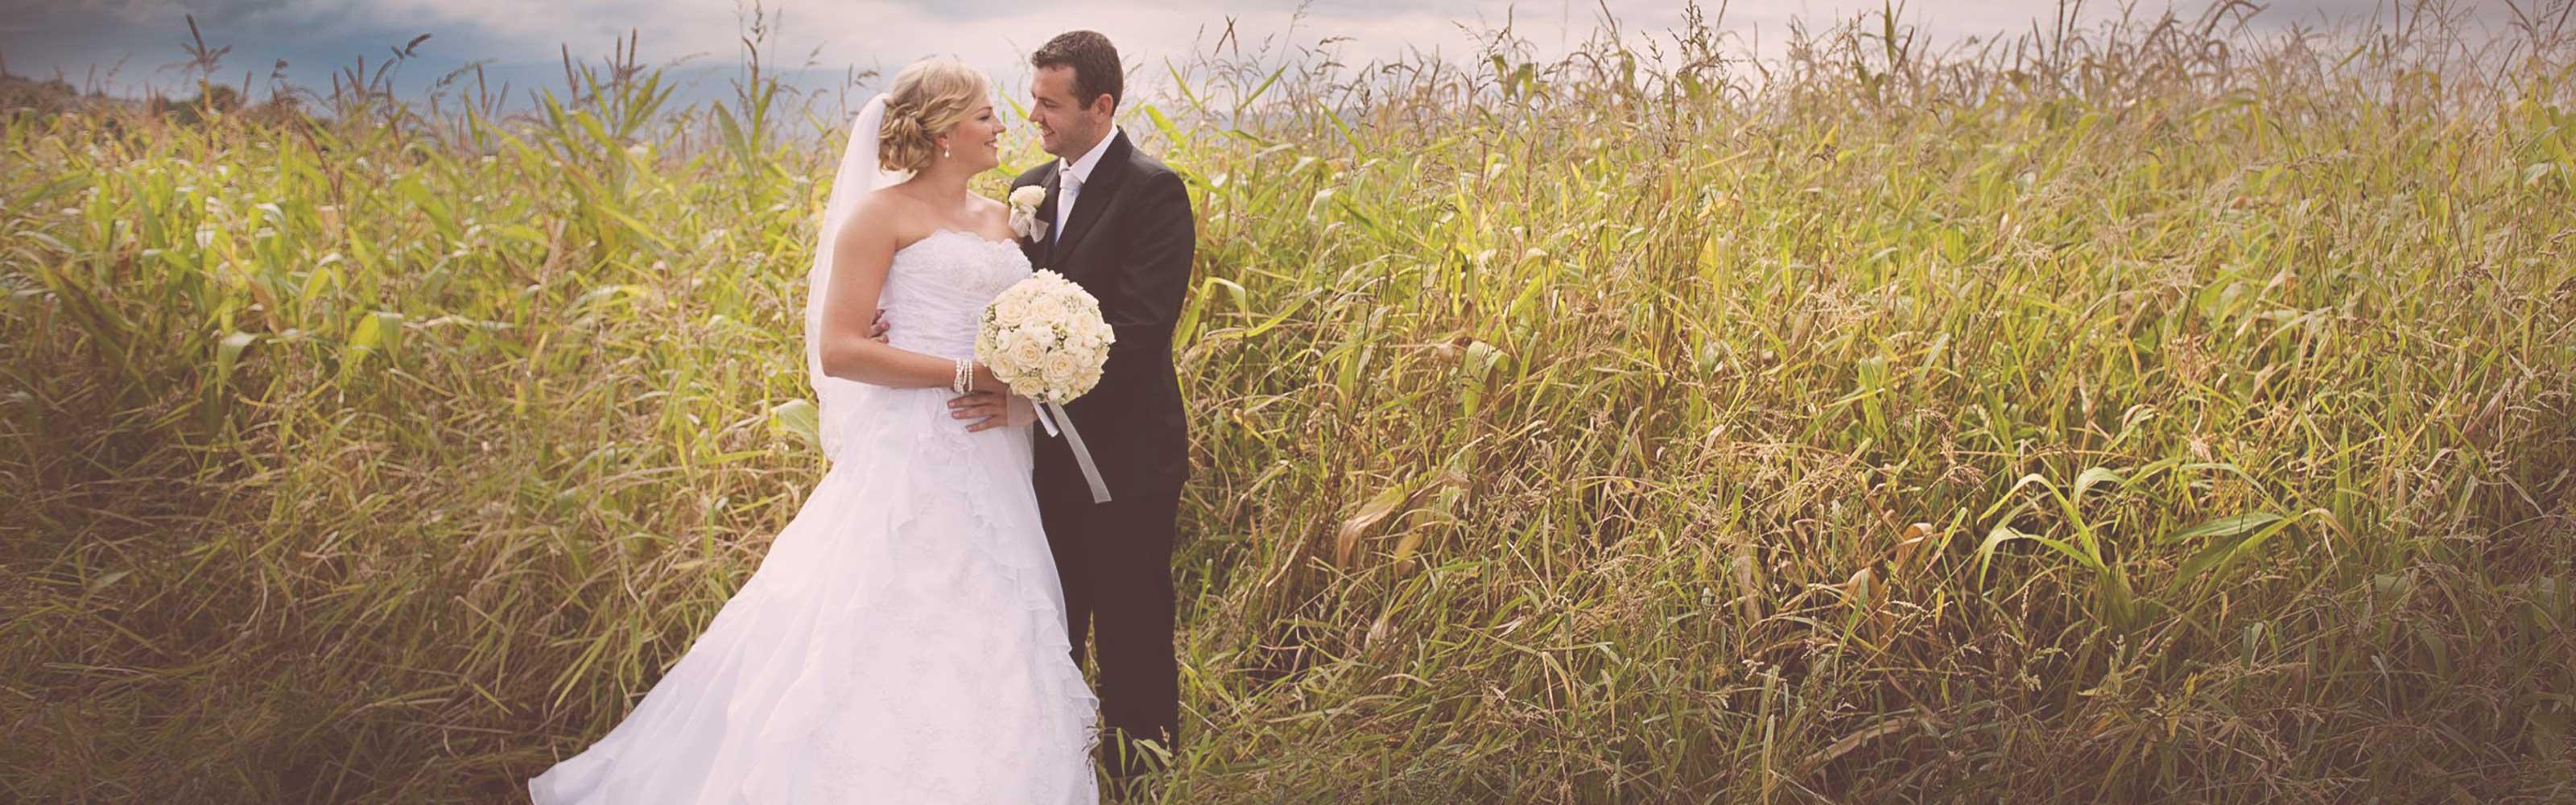 contact susil's bruidsatelier